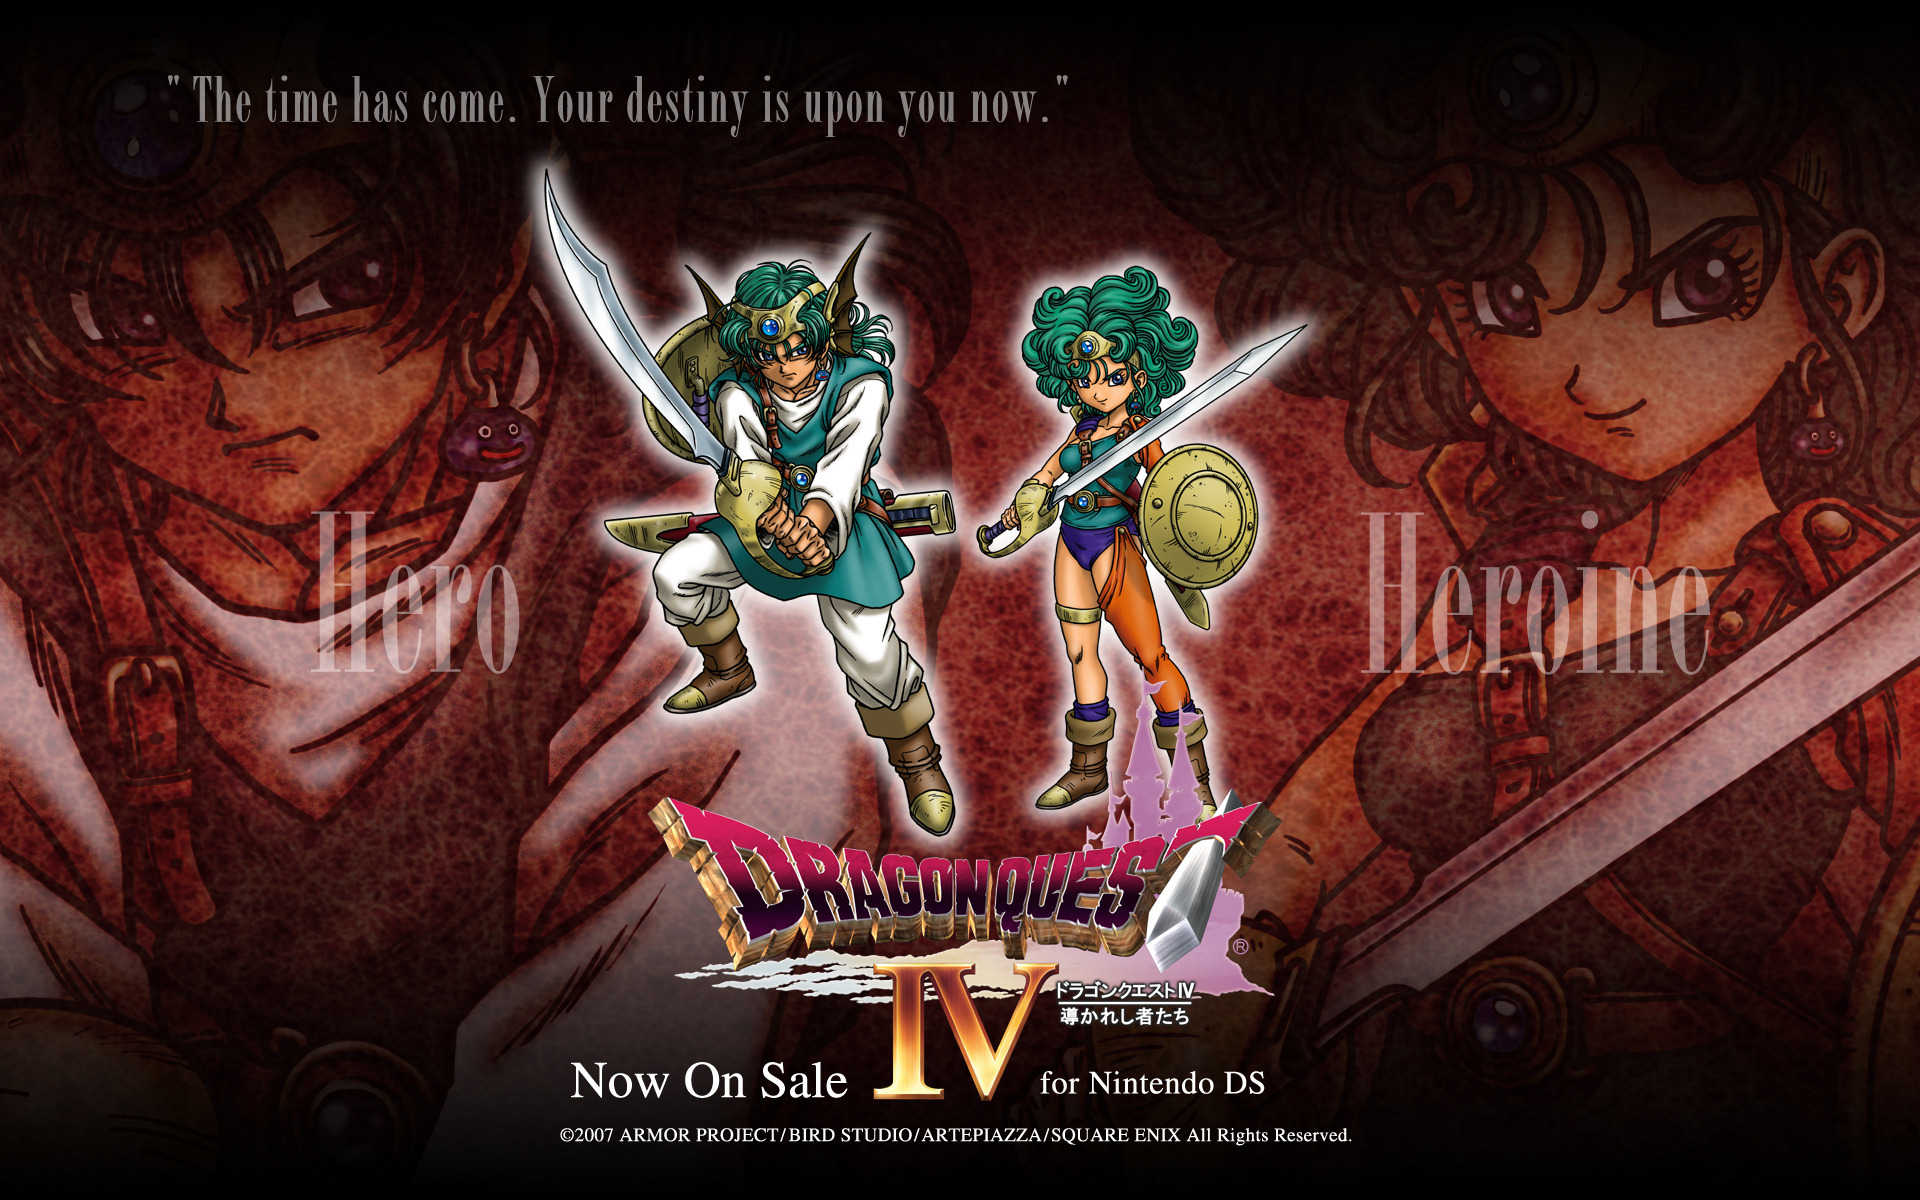 http://image.jeuxvideo.com/downloads/fonds-ecrans-wallpaper/00003255/dragon-quest-l-epop-e-des-elus-9952-wp.jpg